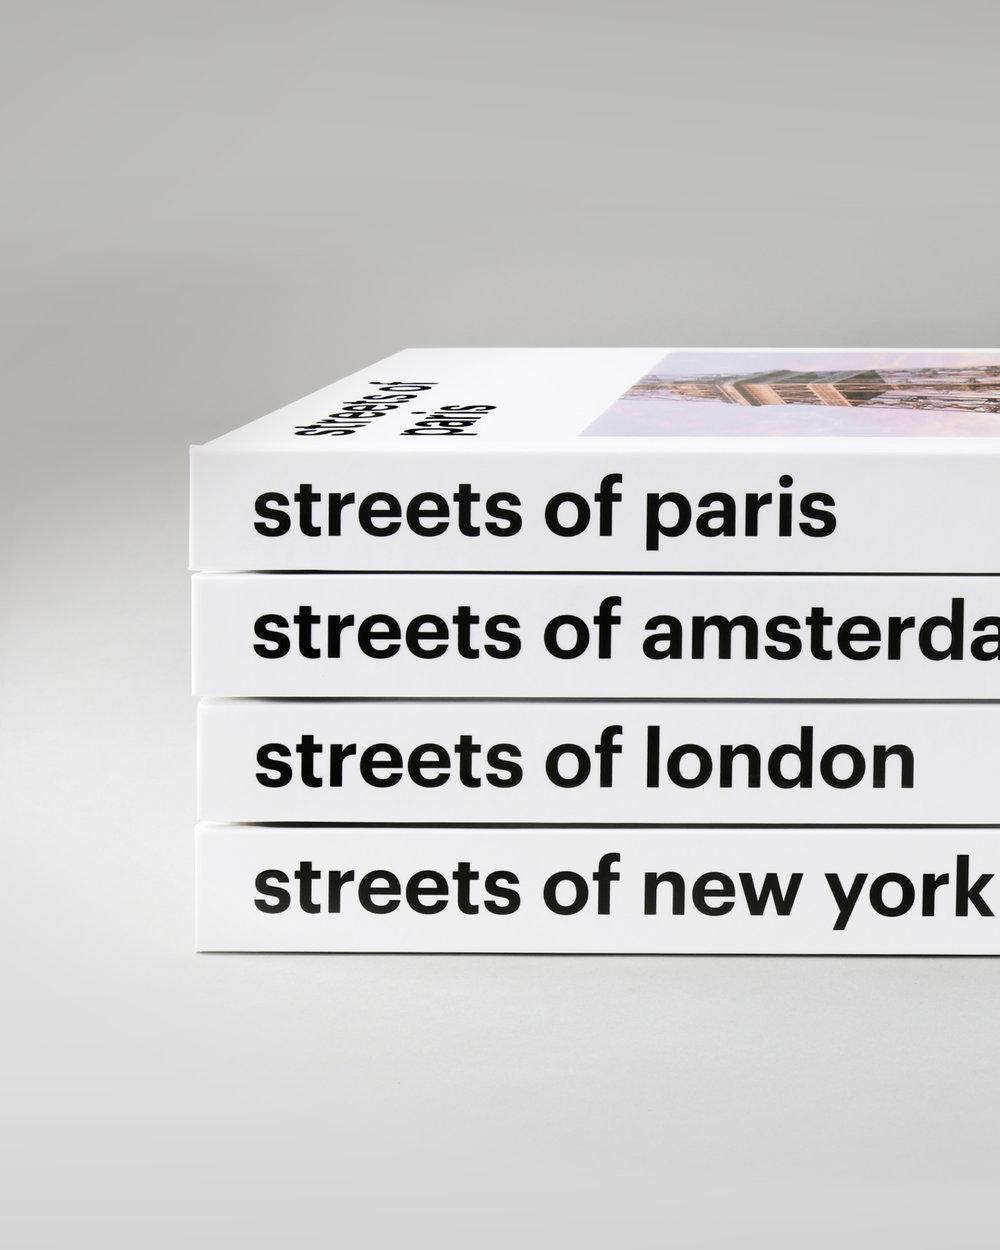 mendo-streets-of-combi-5_3-1500x1875-c-default.jpg